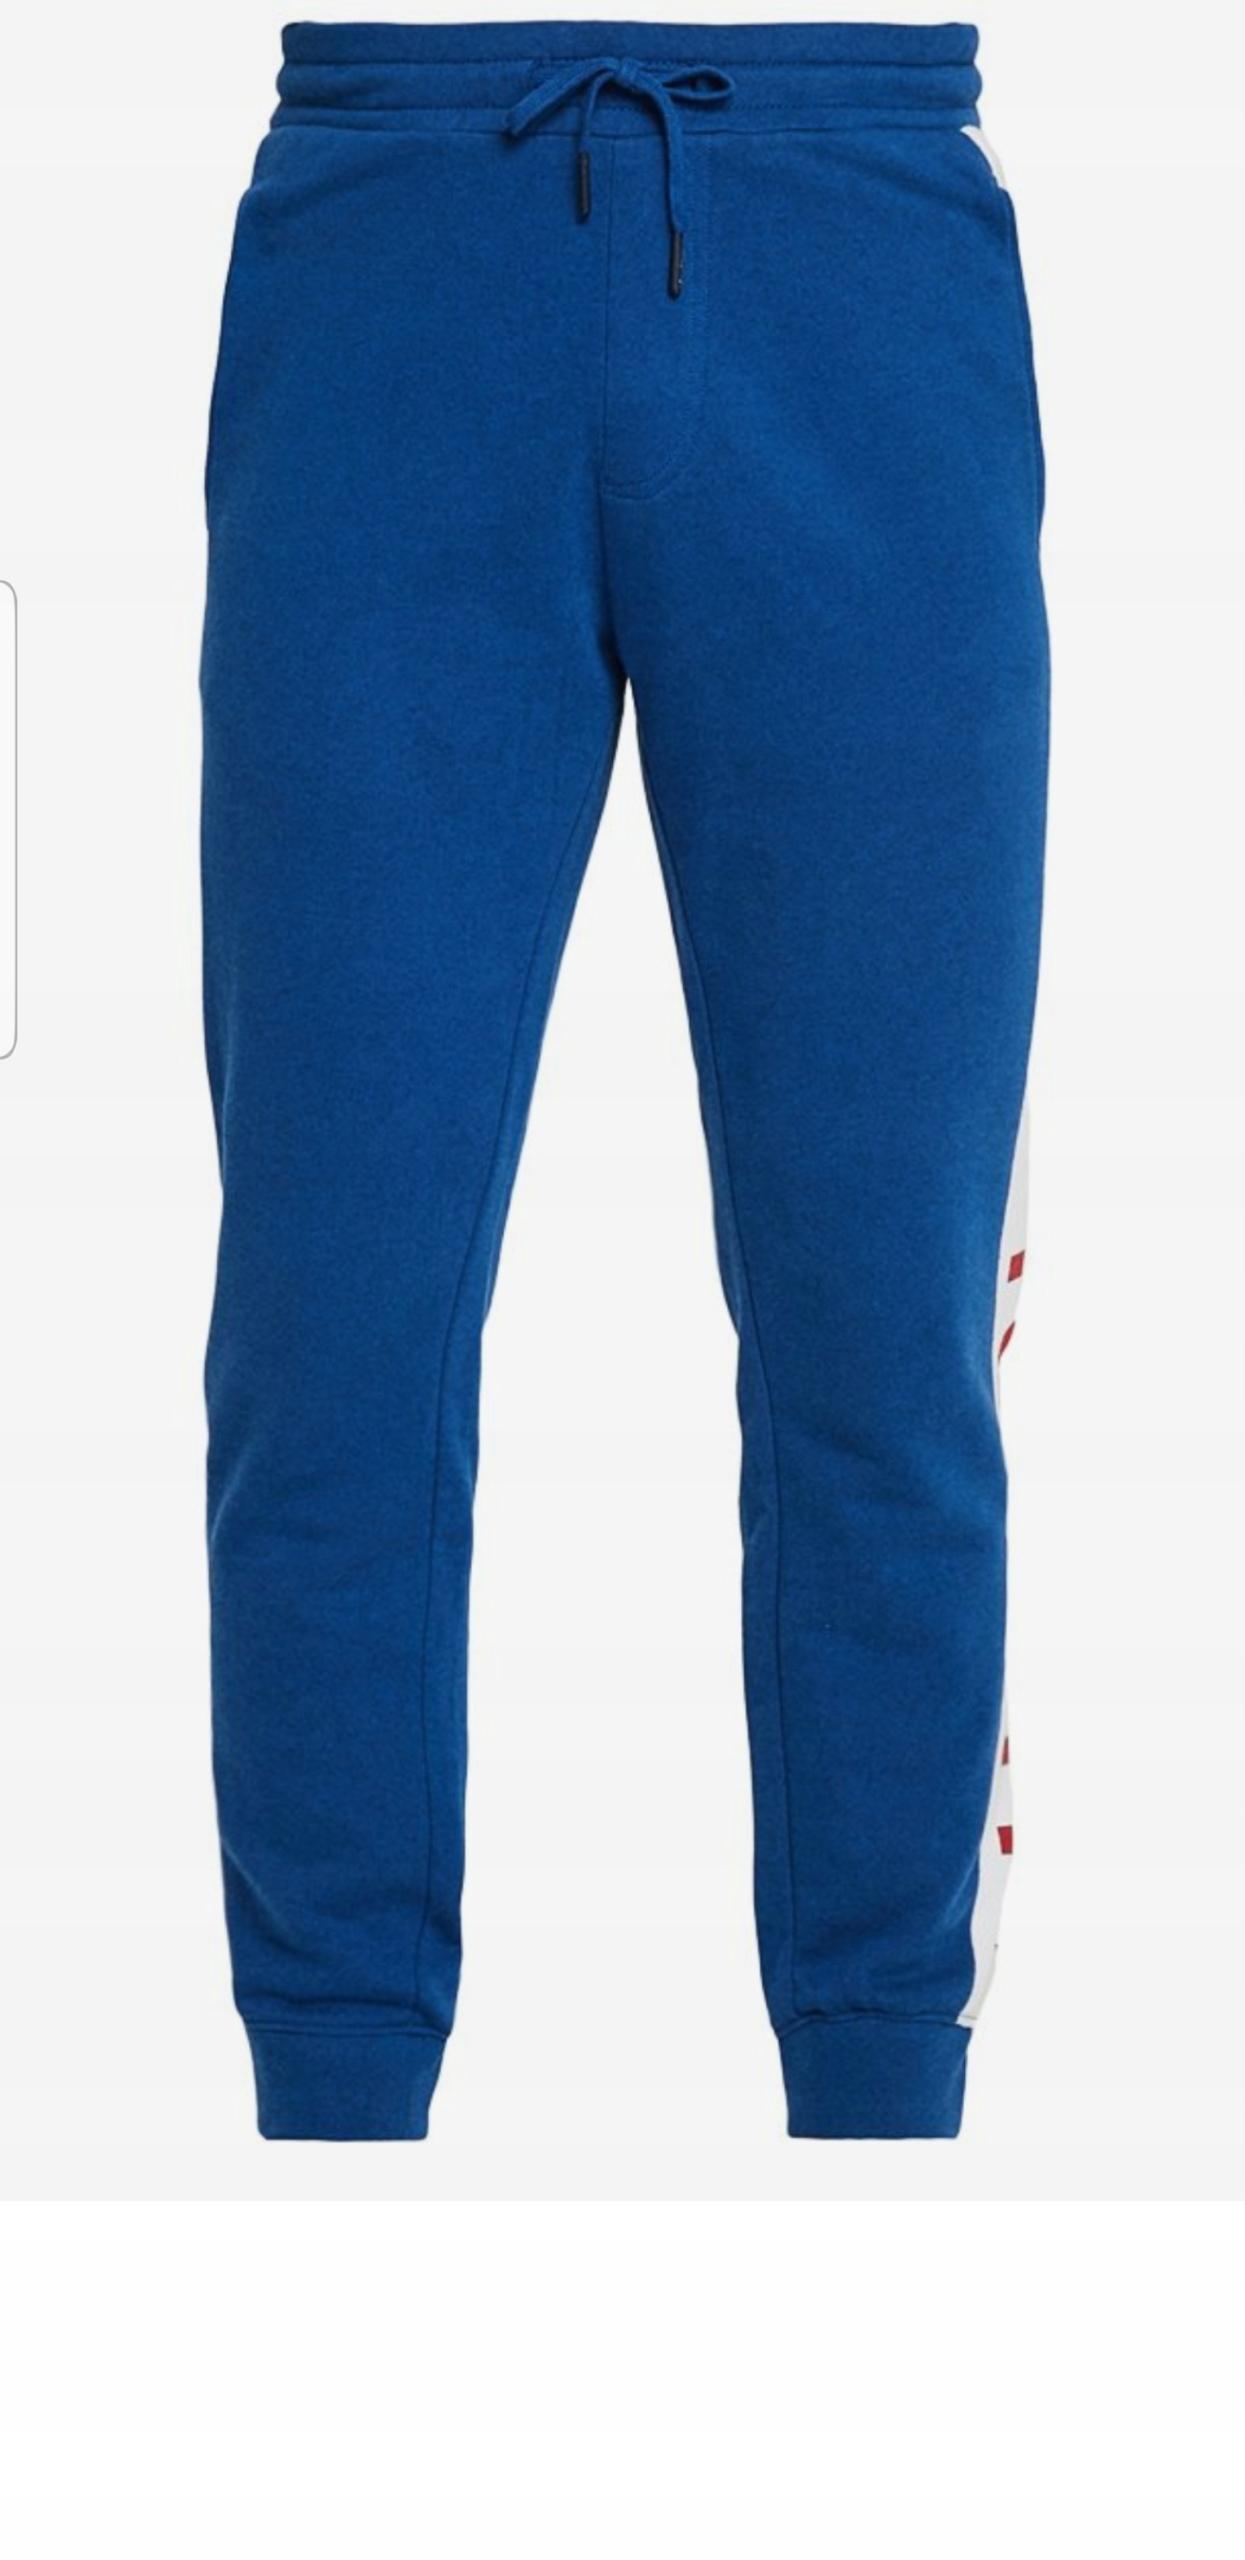 Spodnie dresowe Tommy Hilfiger-rozmiar L-Oryginal